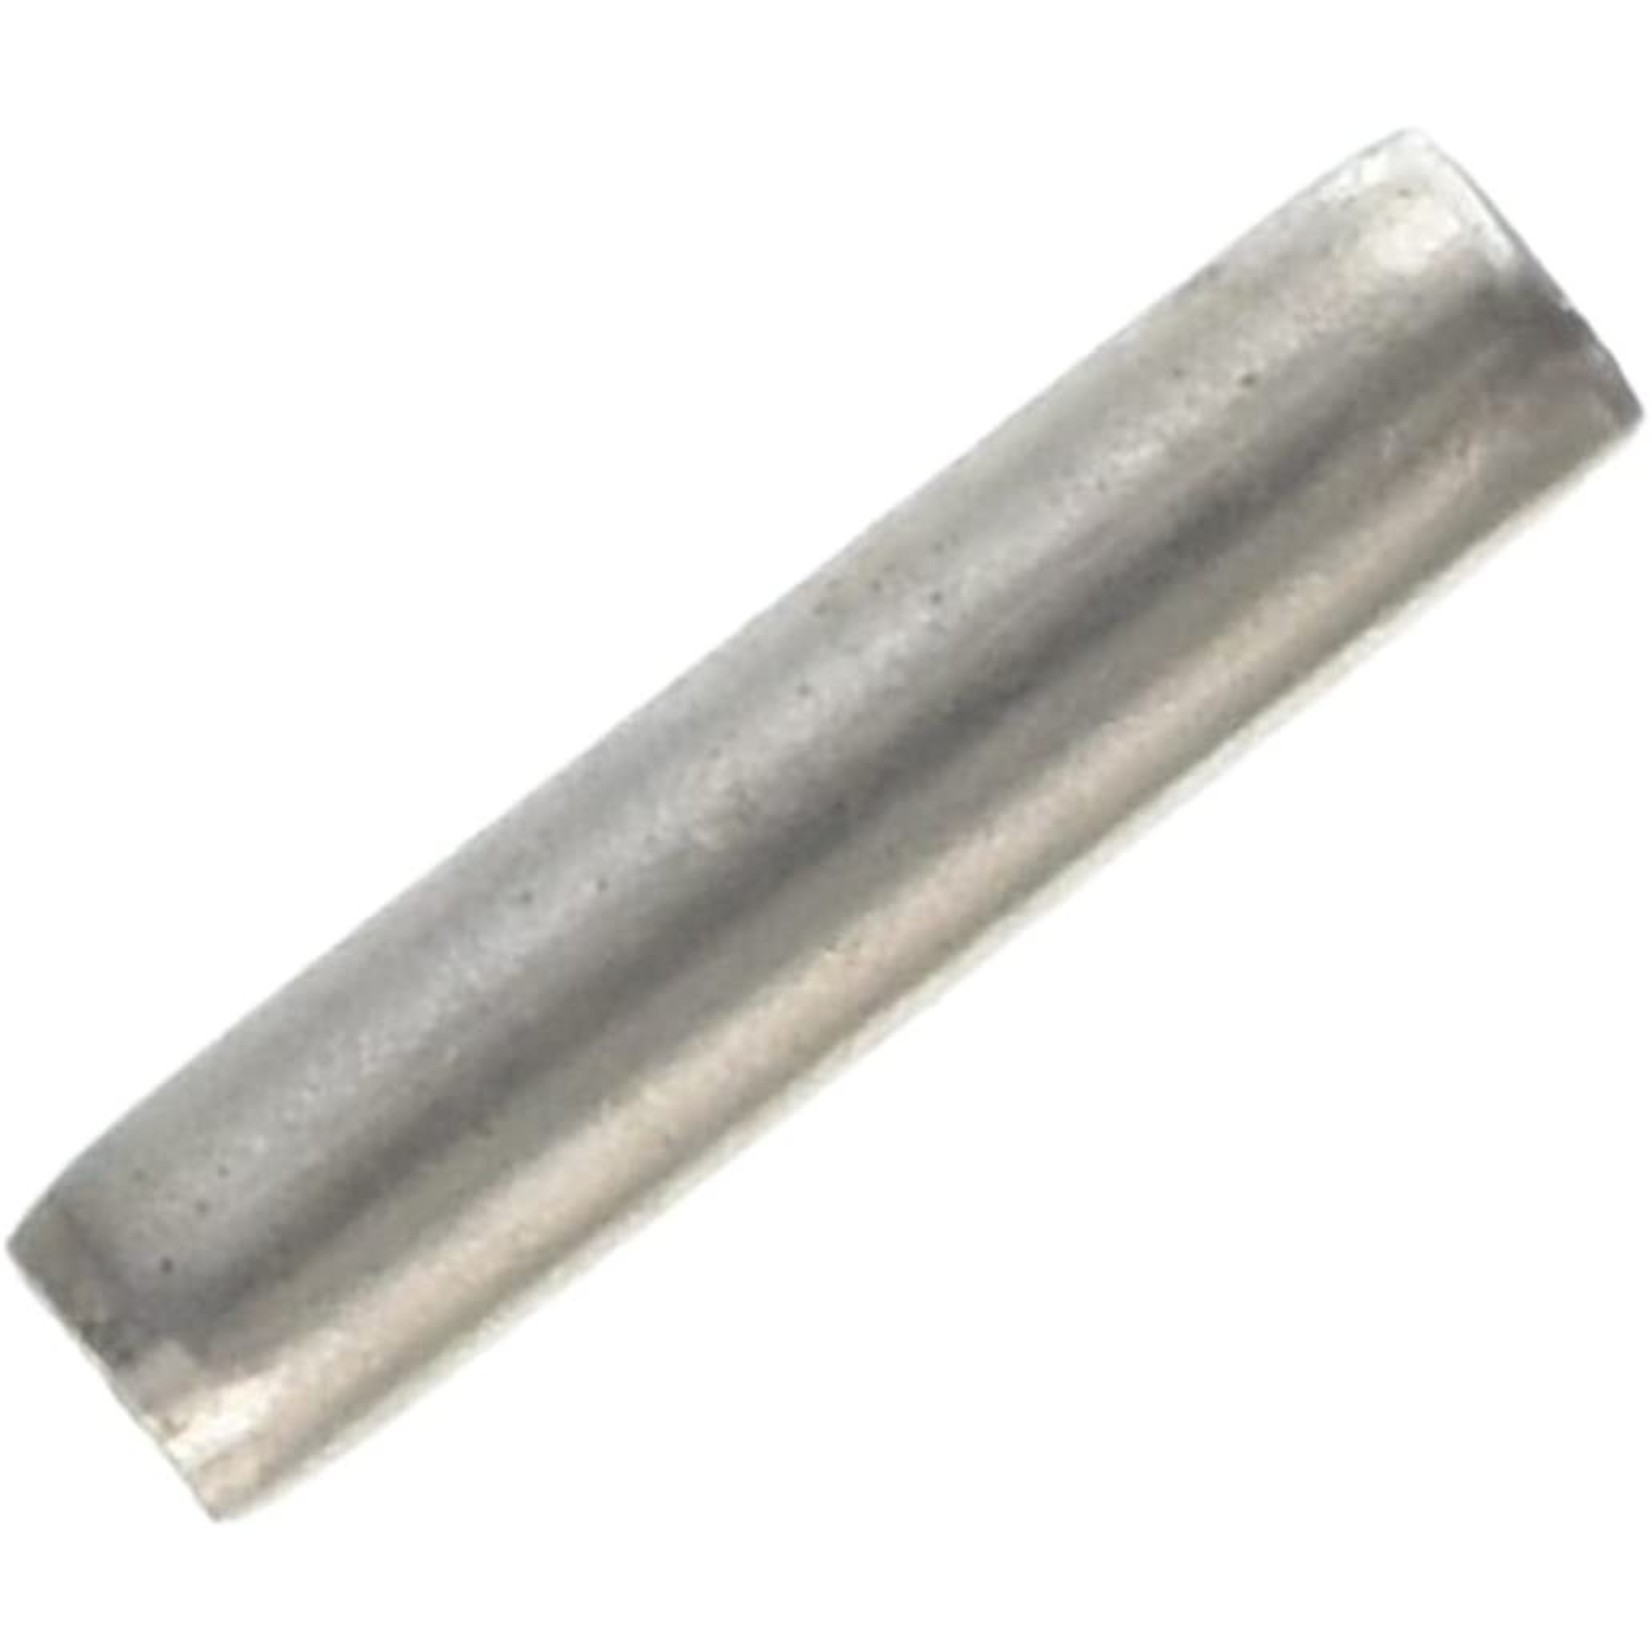 Hayward HAYWARD HANDLE PIN